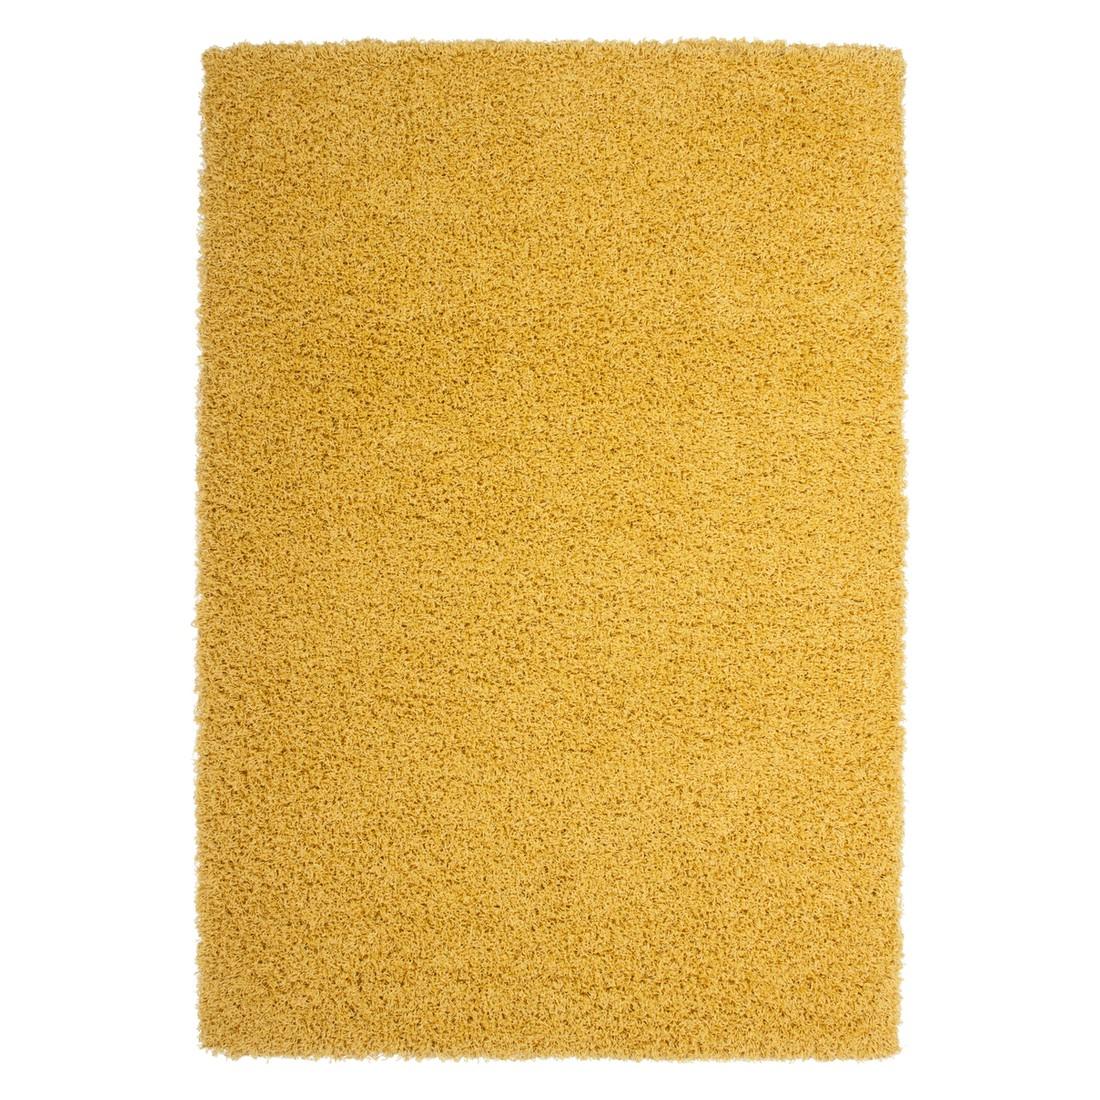 Teppich Salsa – Gelb – 80 x 150 cm, Obsession günstig bestellen